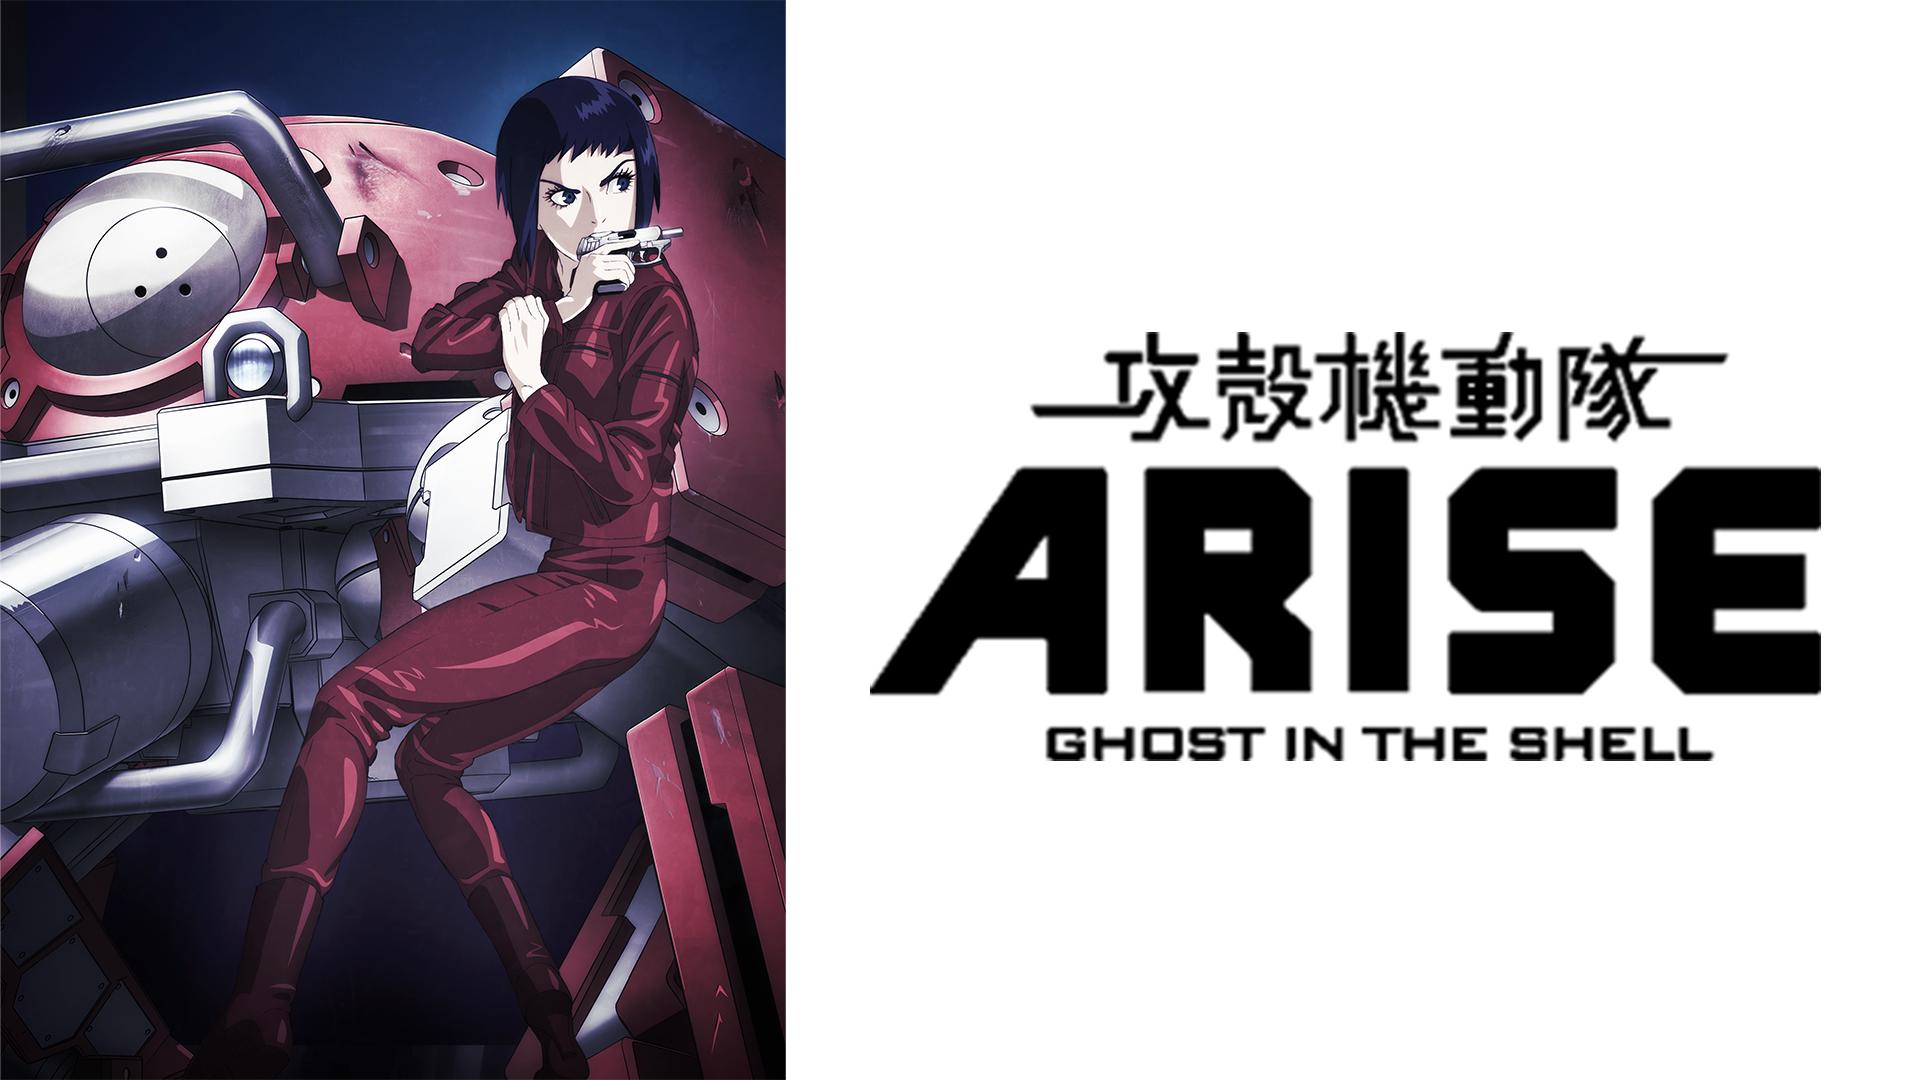 攻殻機動隊 ARISE 1の動画 - GHOST IN THE SHELL 攻殻機動隊